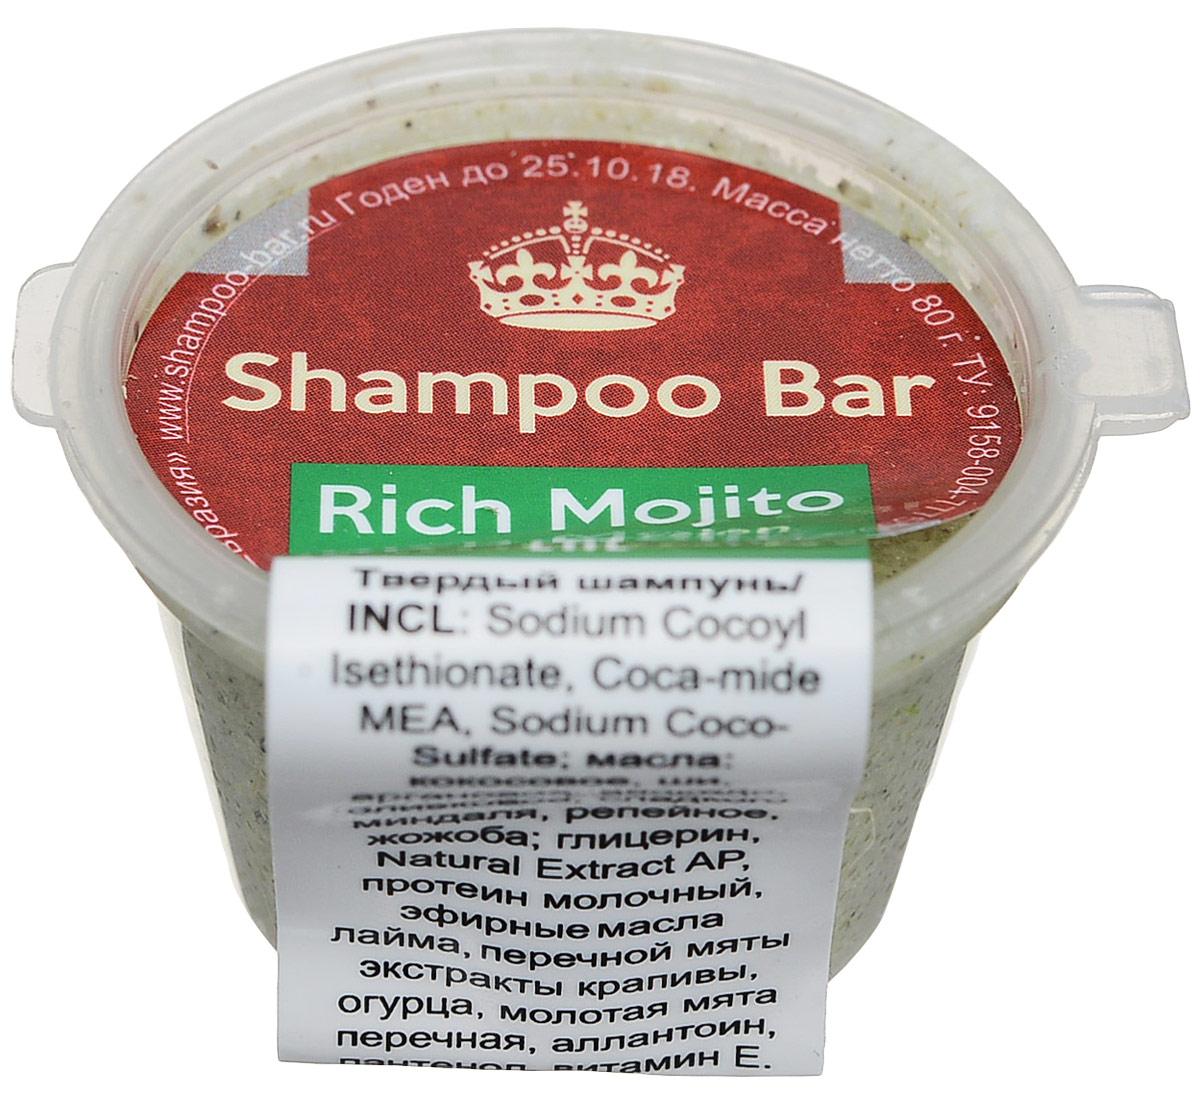 Shampoo Bar Твердый шампунь-объем 6в1 Rich Mojito, с лаймом и мятой, 11 грSBW RMВзрыв свежести, мятно-цитрусовый аромат, тающая текстура и невероятный объем - все это твердый шампунь Rich Mojito! Драгоценные масла ши, арганы и кокоса в сочетании с эфирными маслами лайма и перечной мяты, экстрактами трав и витаминами. Настоящий коктейль из пользы и удовольствия.